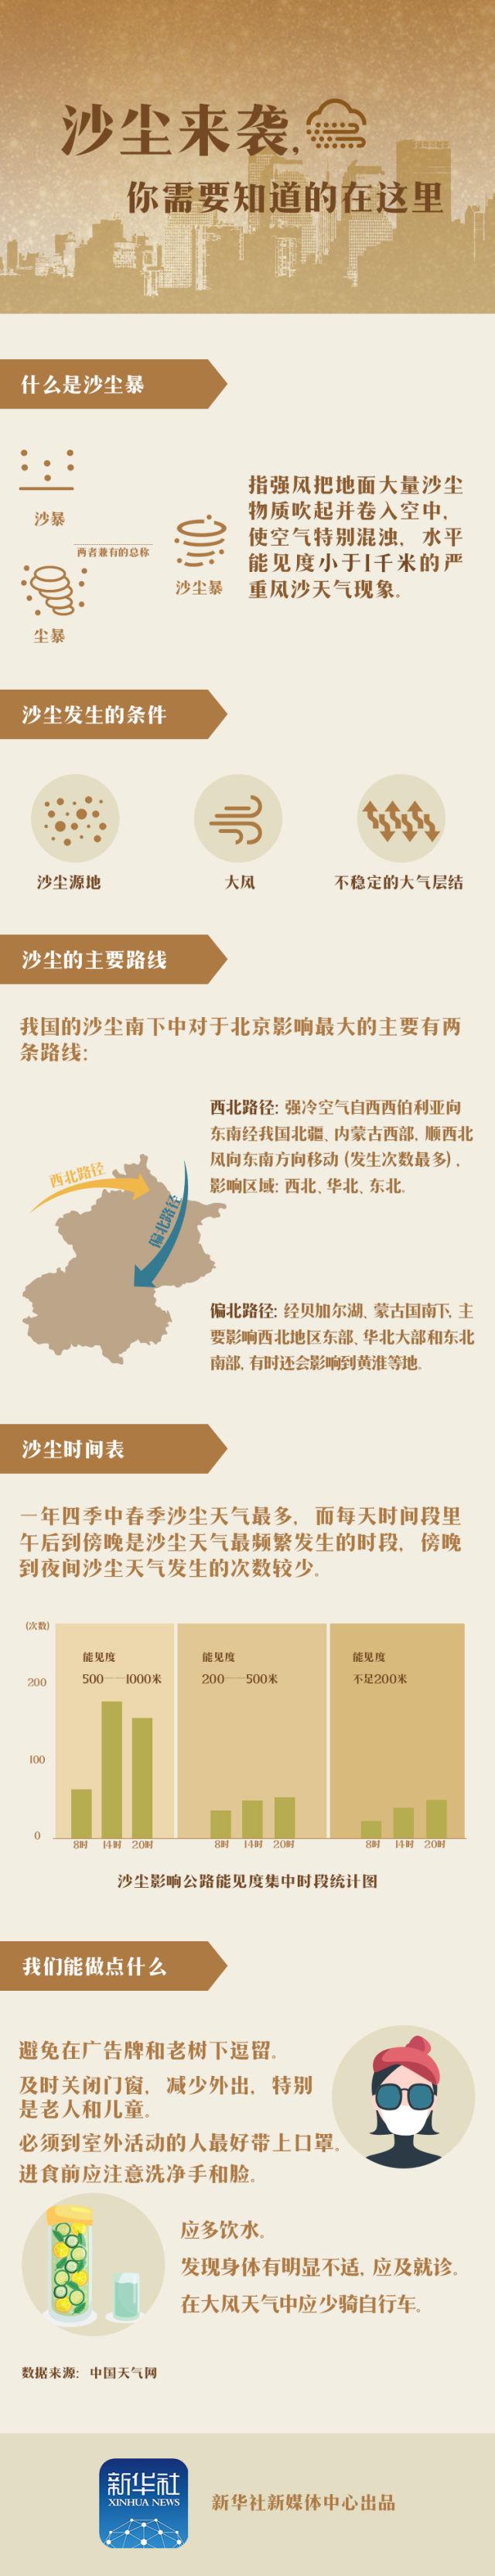 """受静稳天气、外来沙尘影响 北京形成""""重污染"""""""